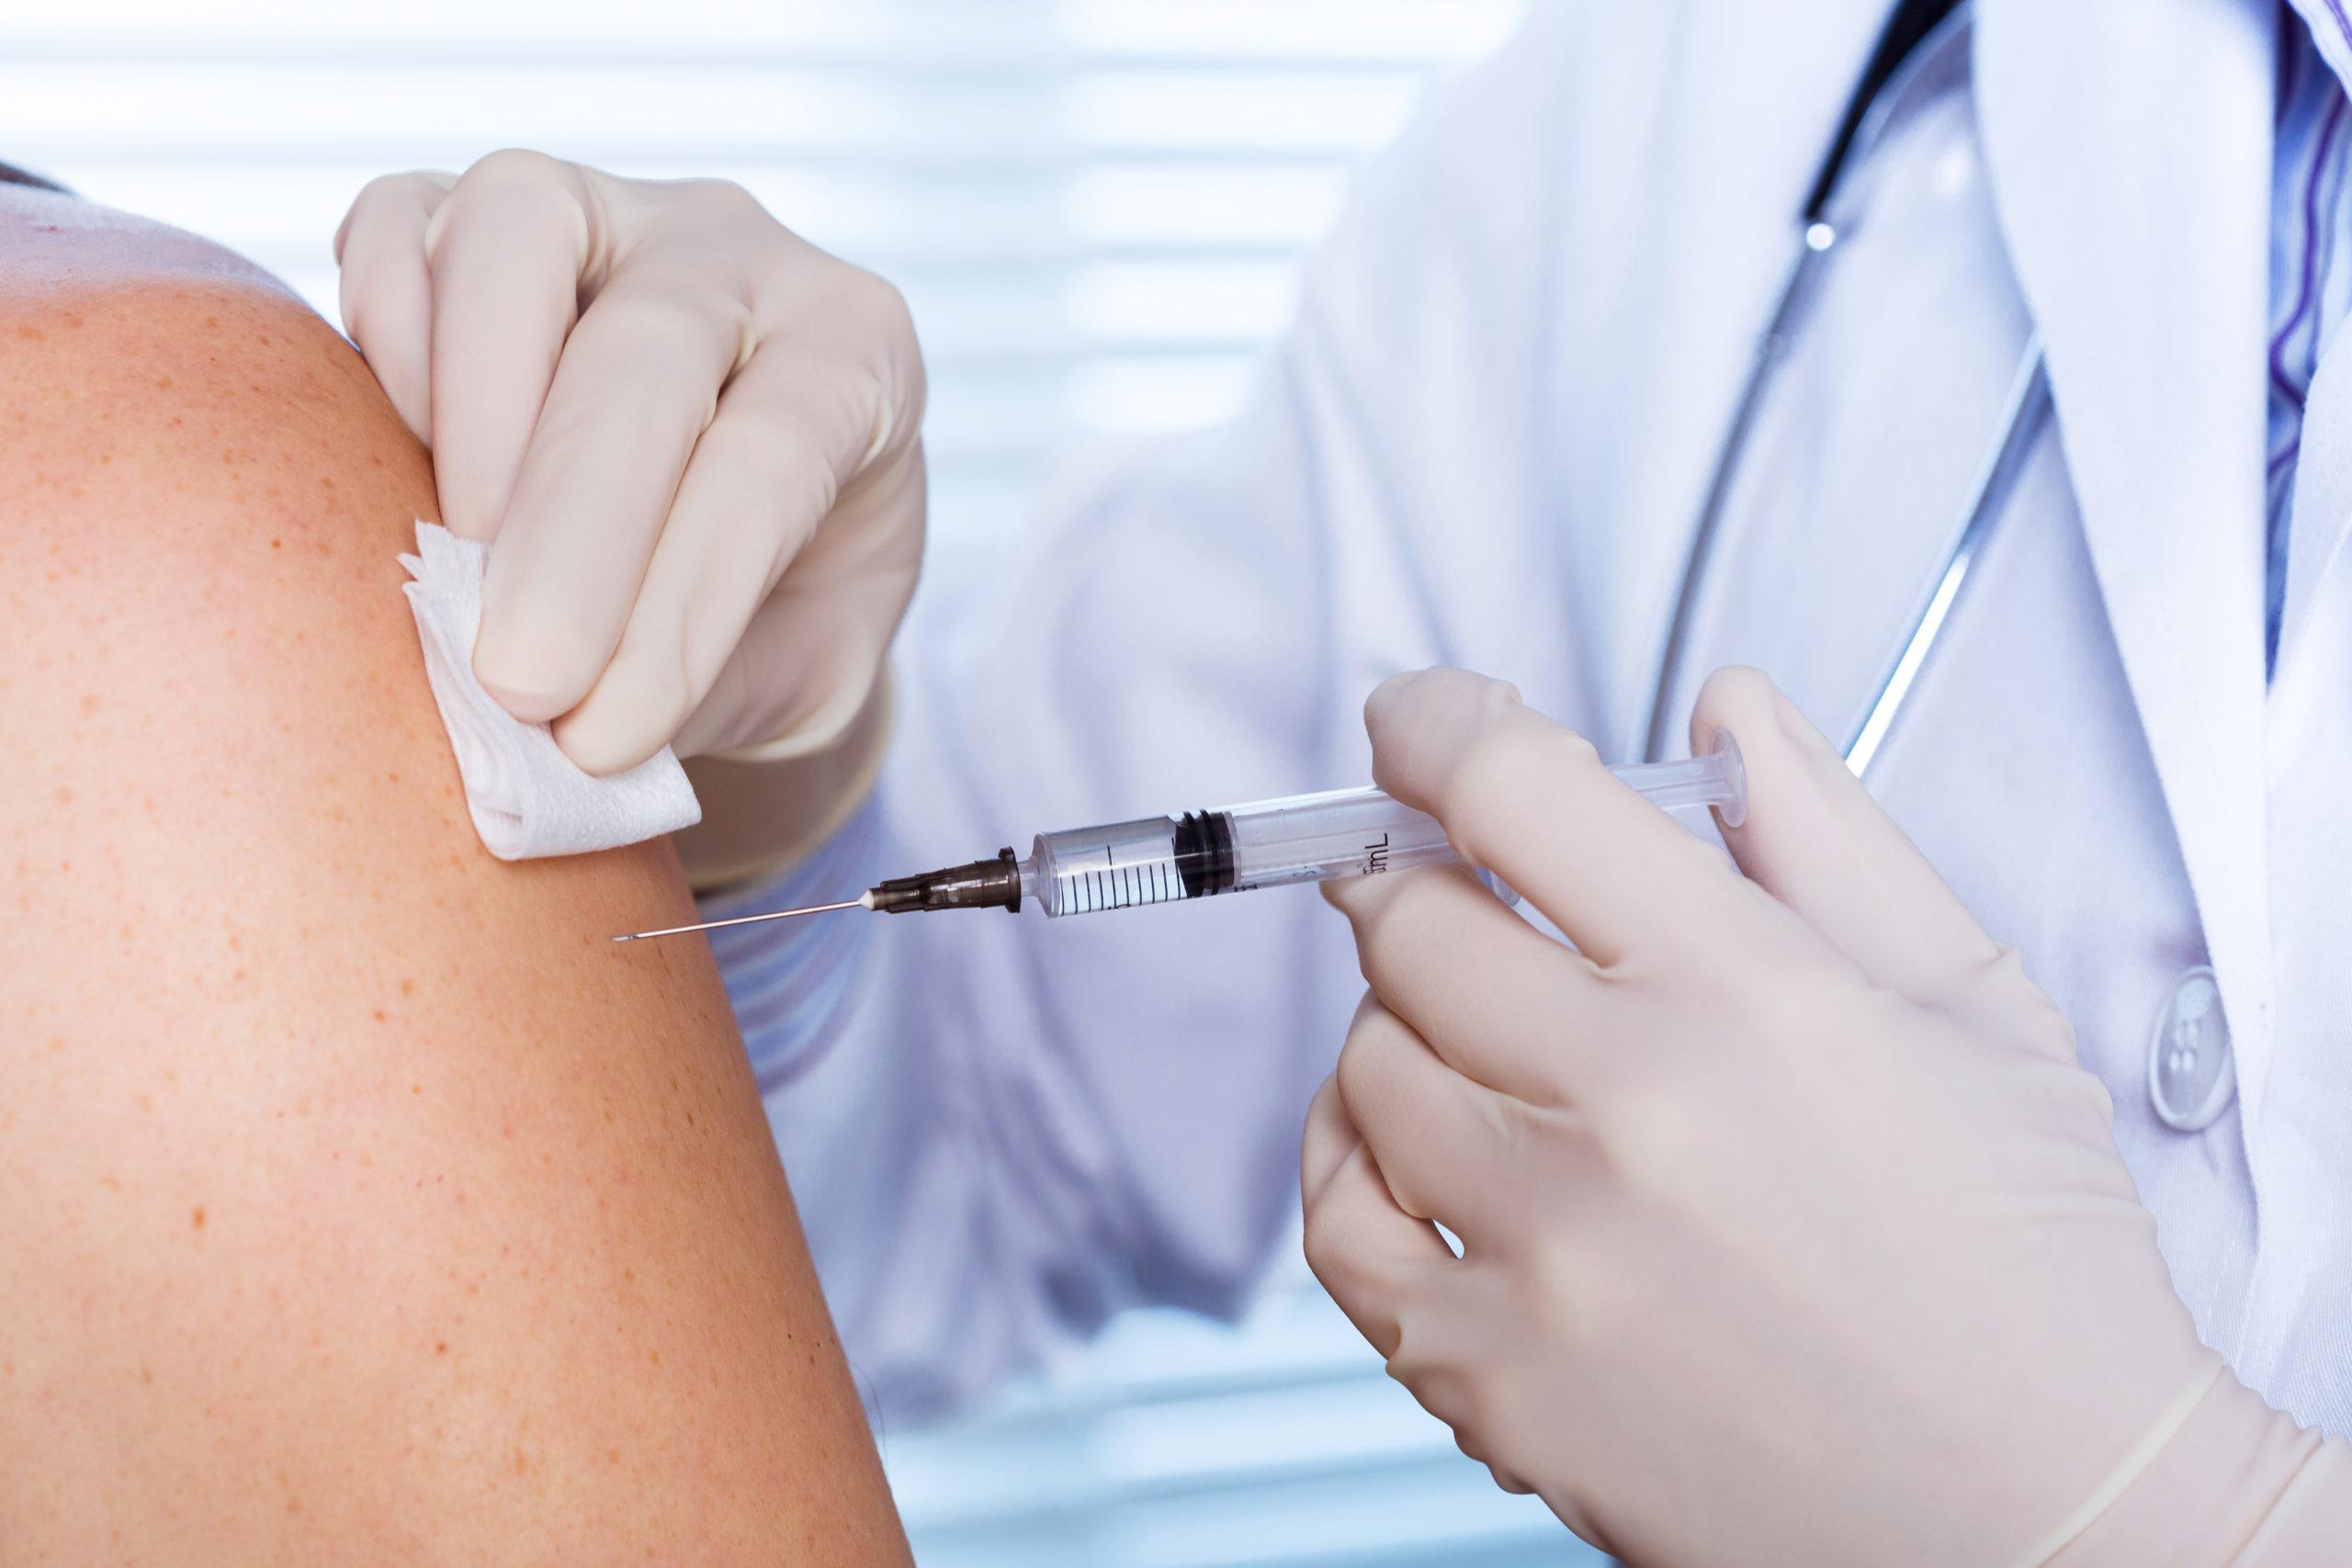 Тверская область готовится к сезонной вакцинации против гриппа